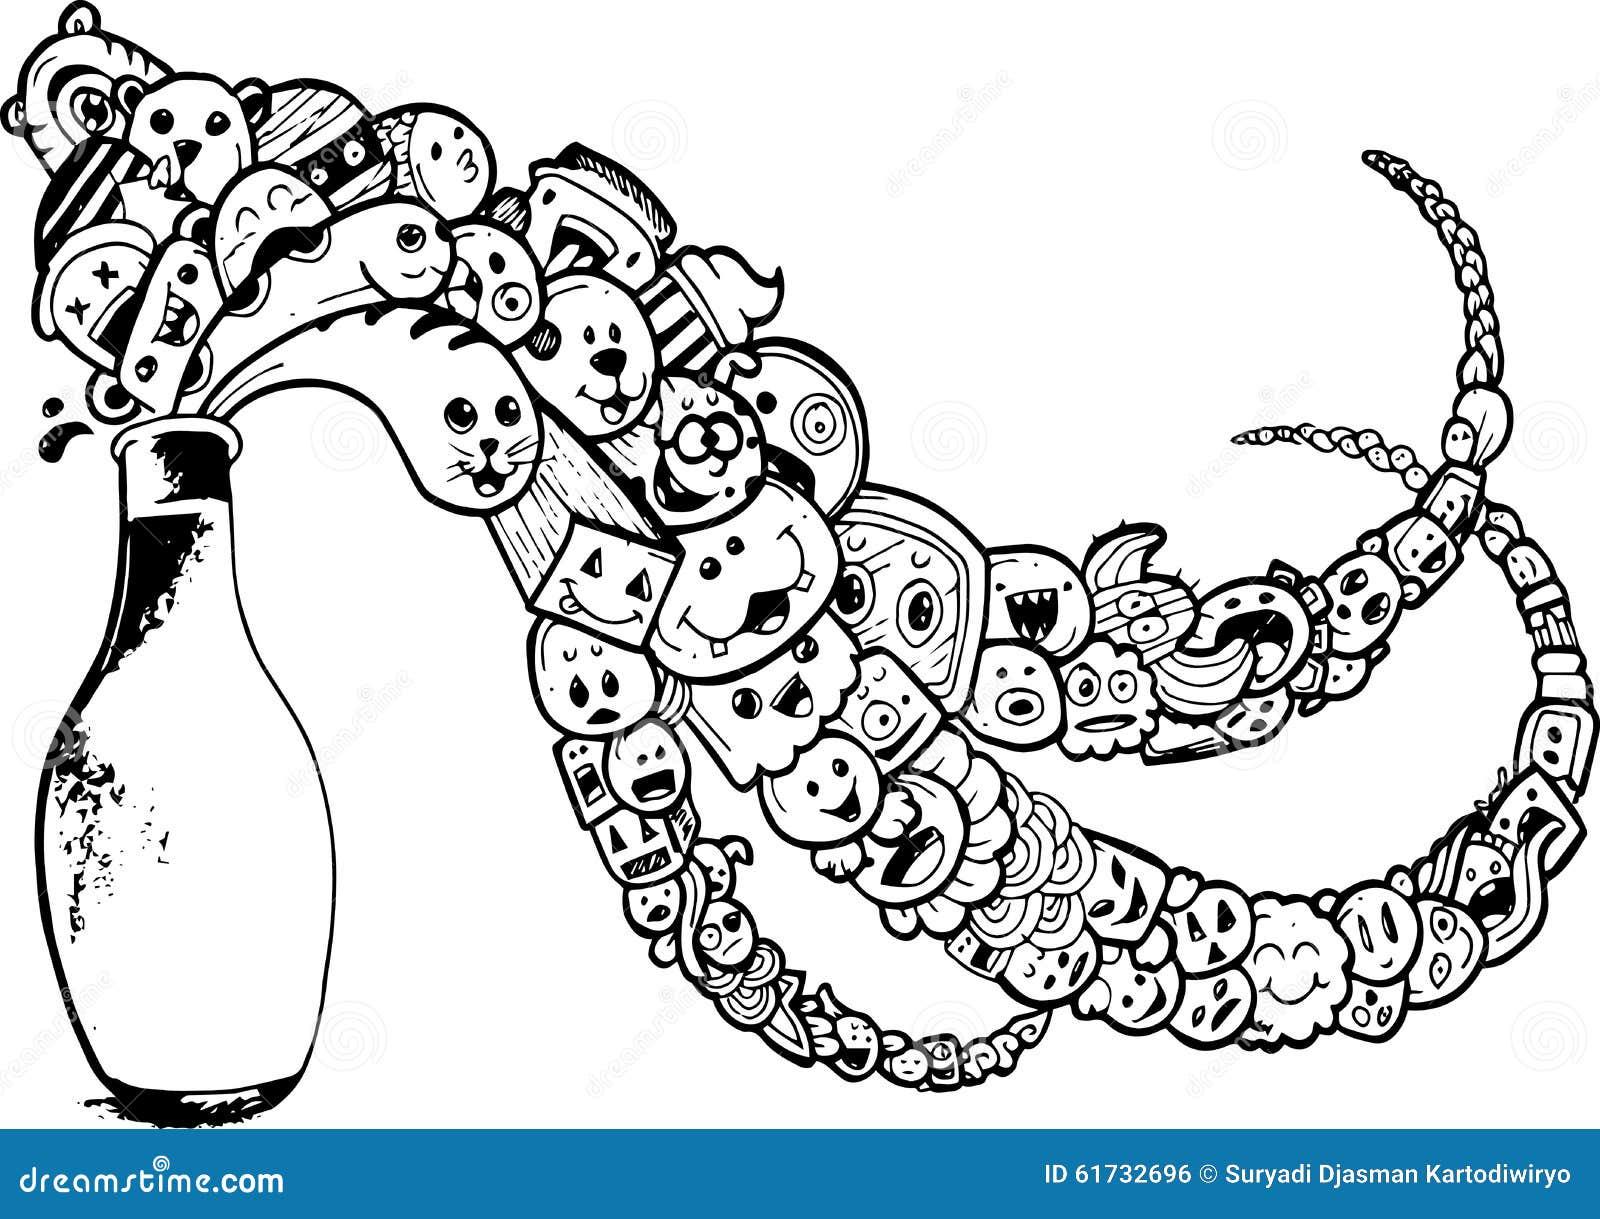 Dessin Au Trait Noir dessin au trait noir et blanc illustration stock - illustration du